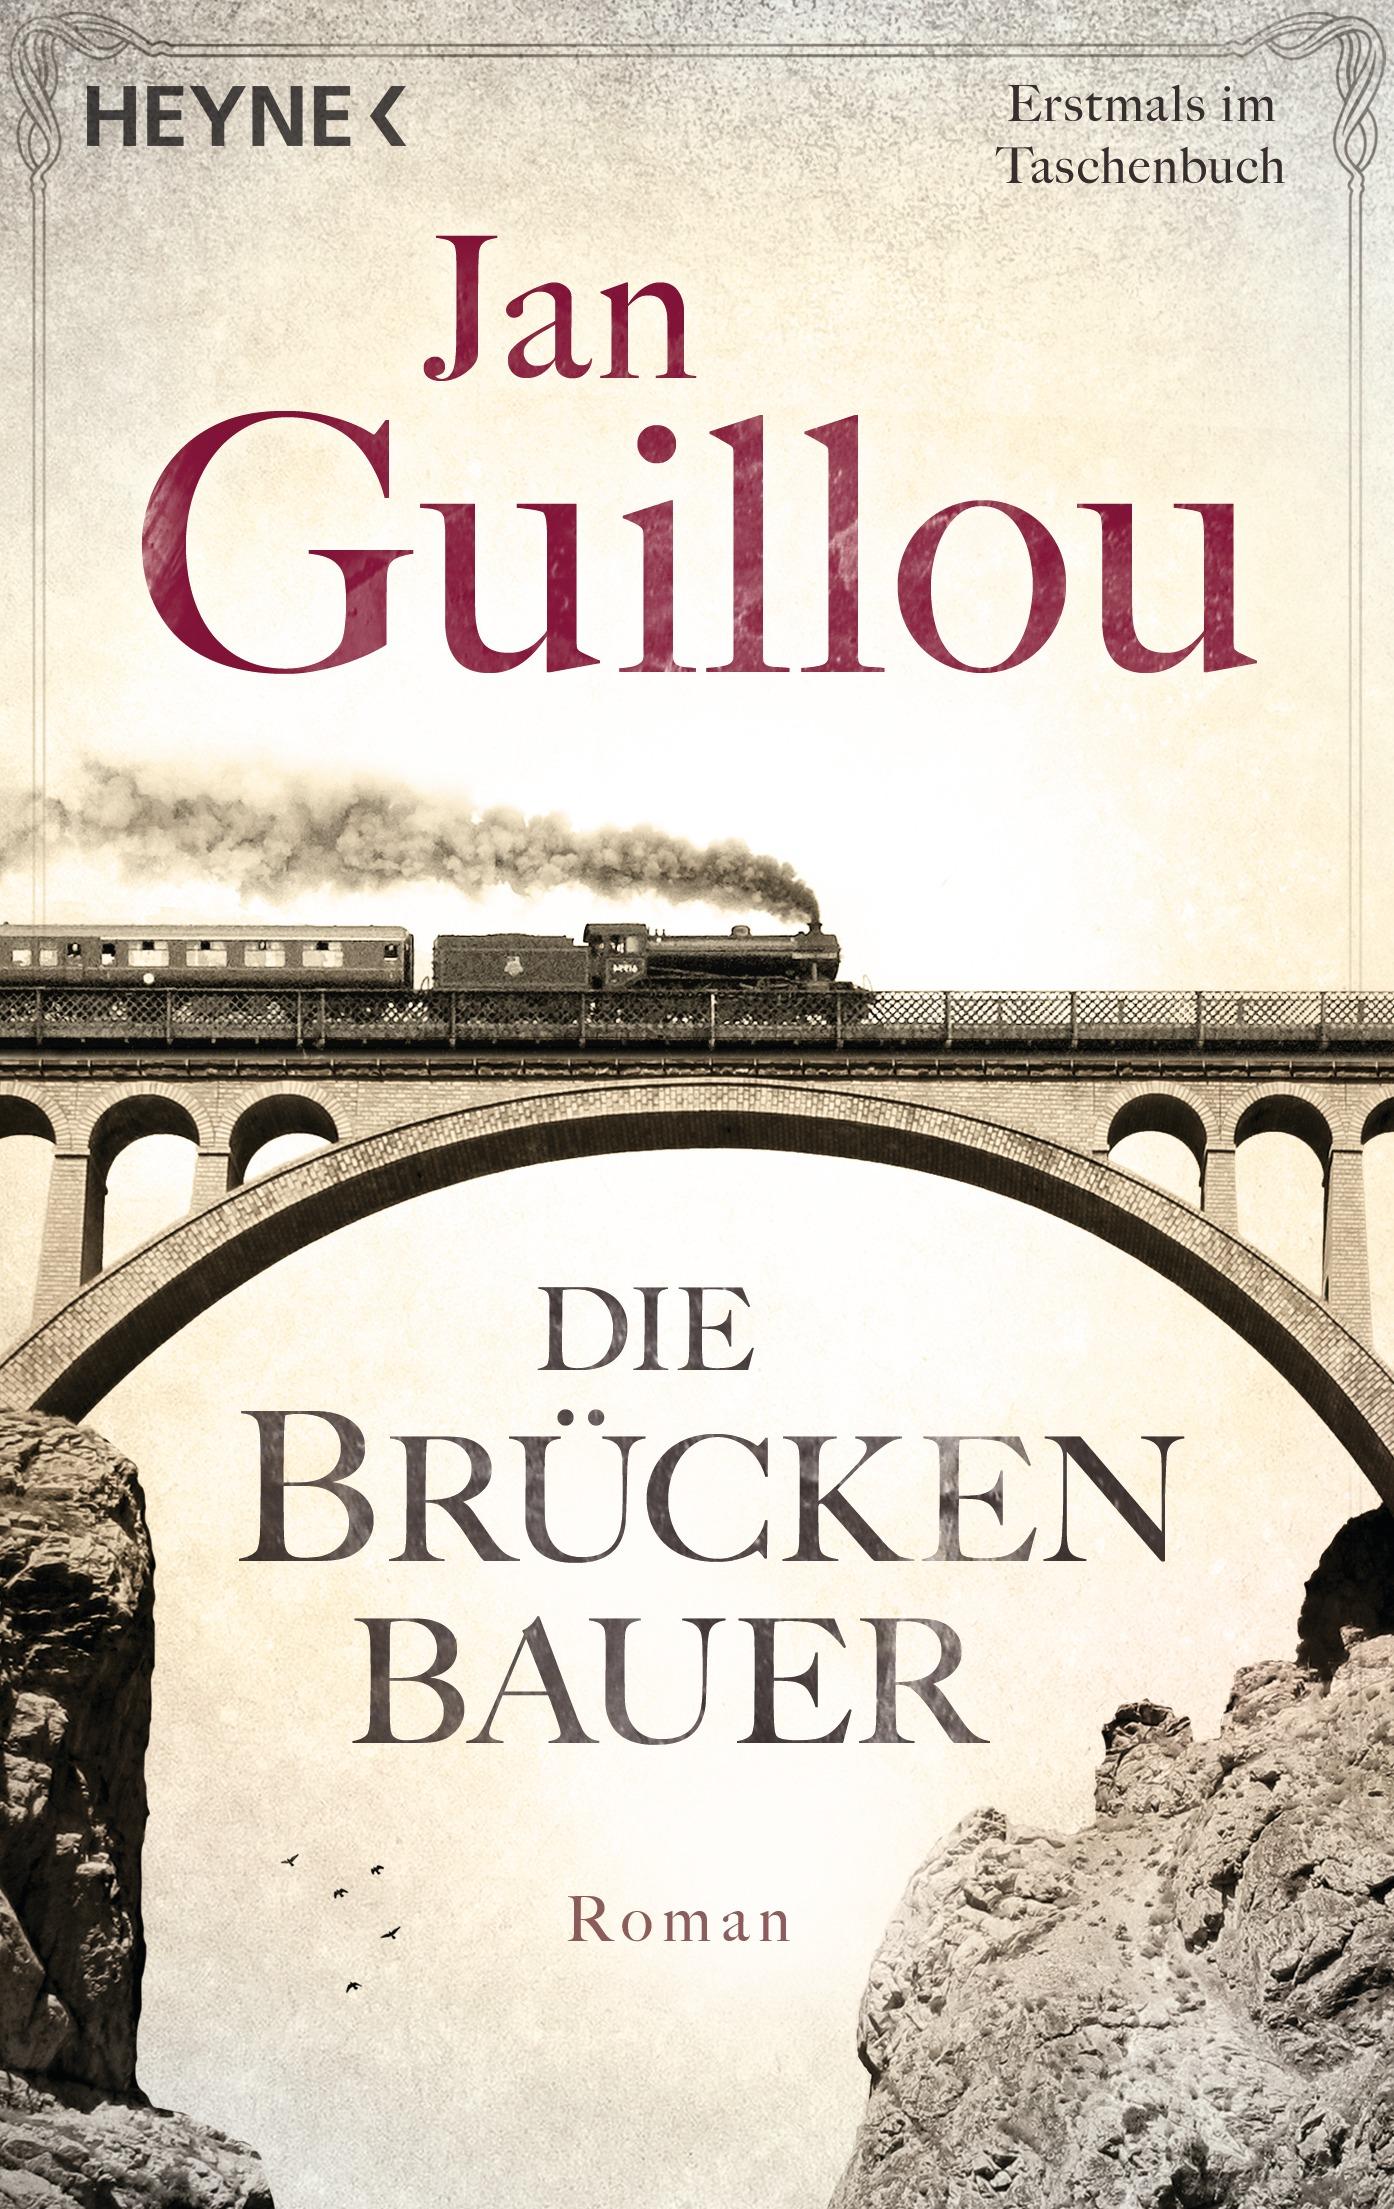 Die Brueckenbauer von Jan Guillou